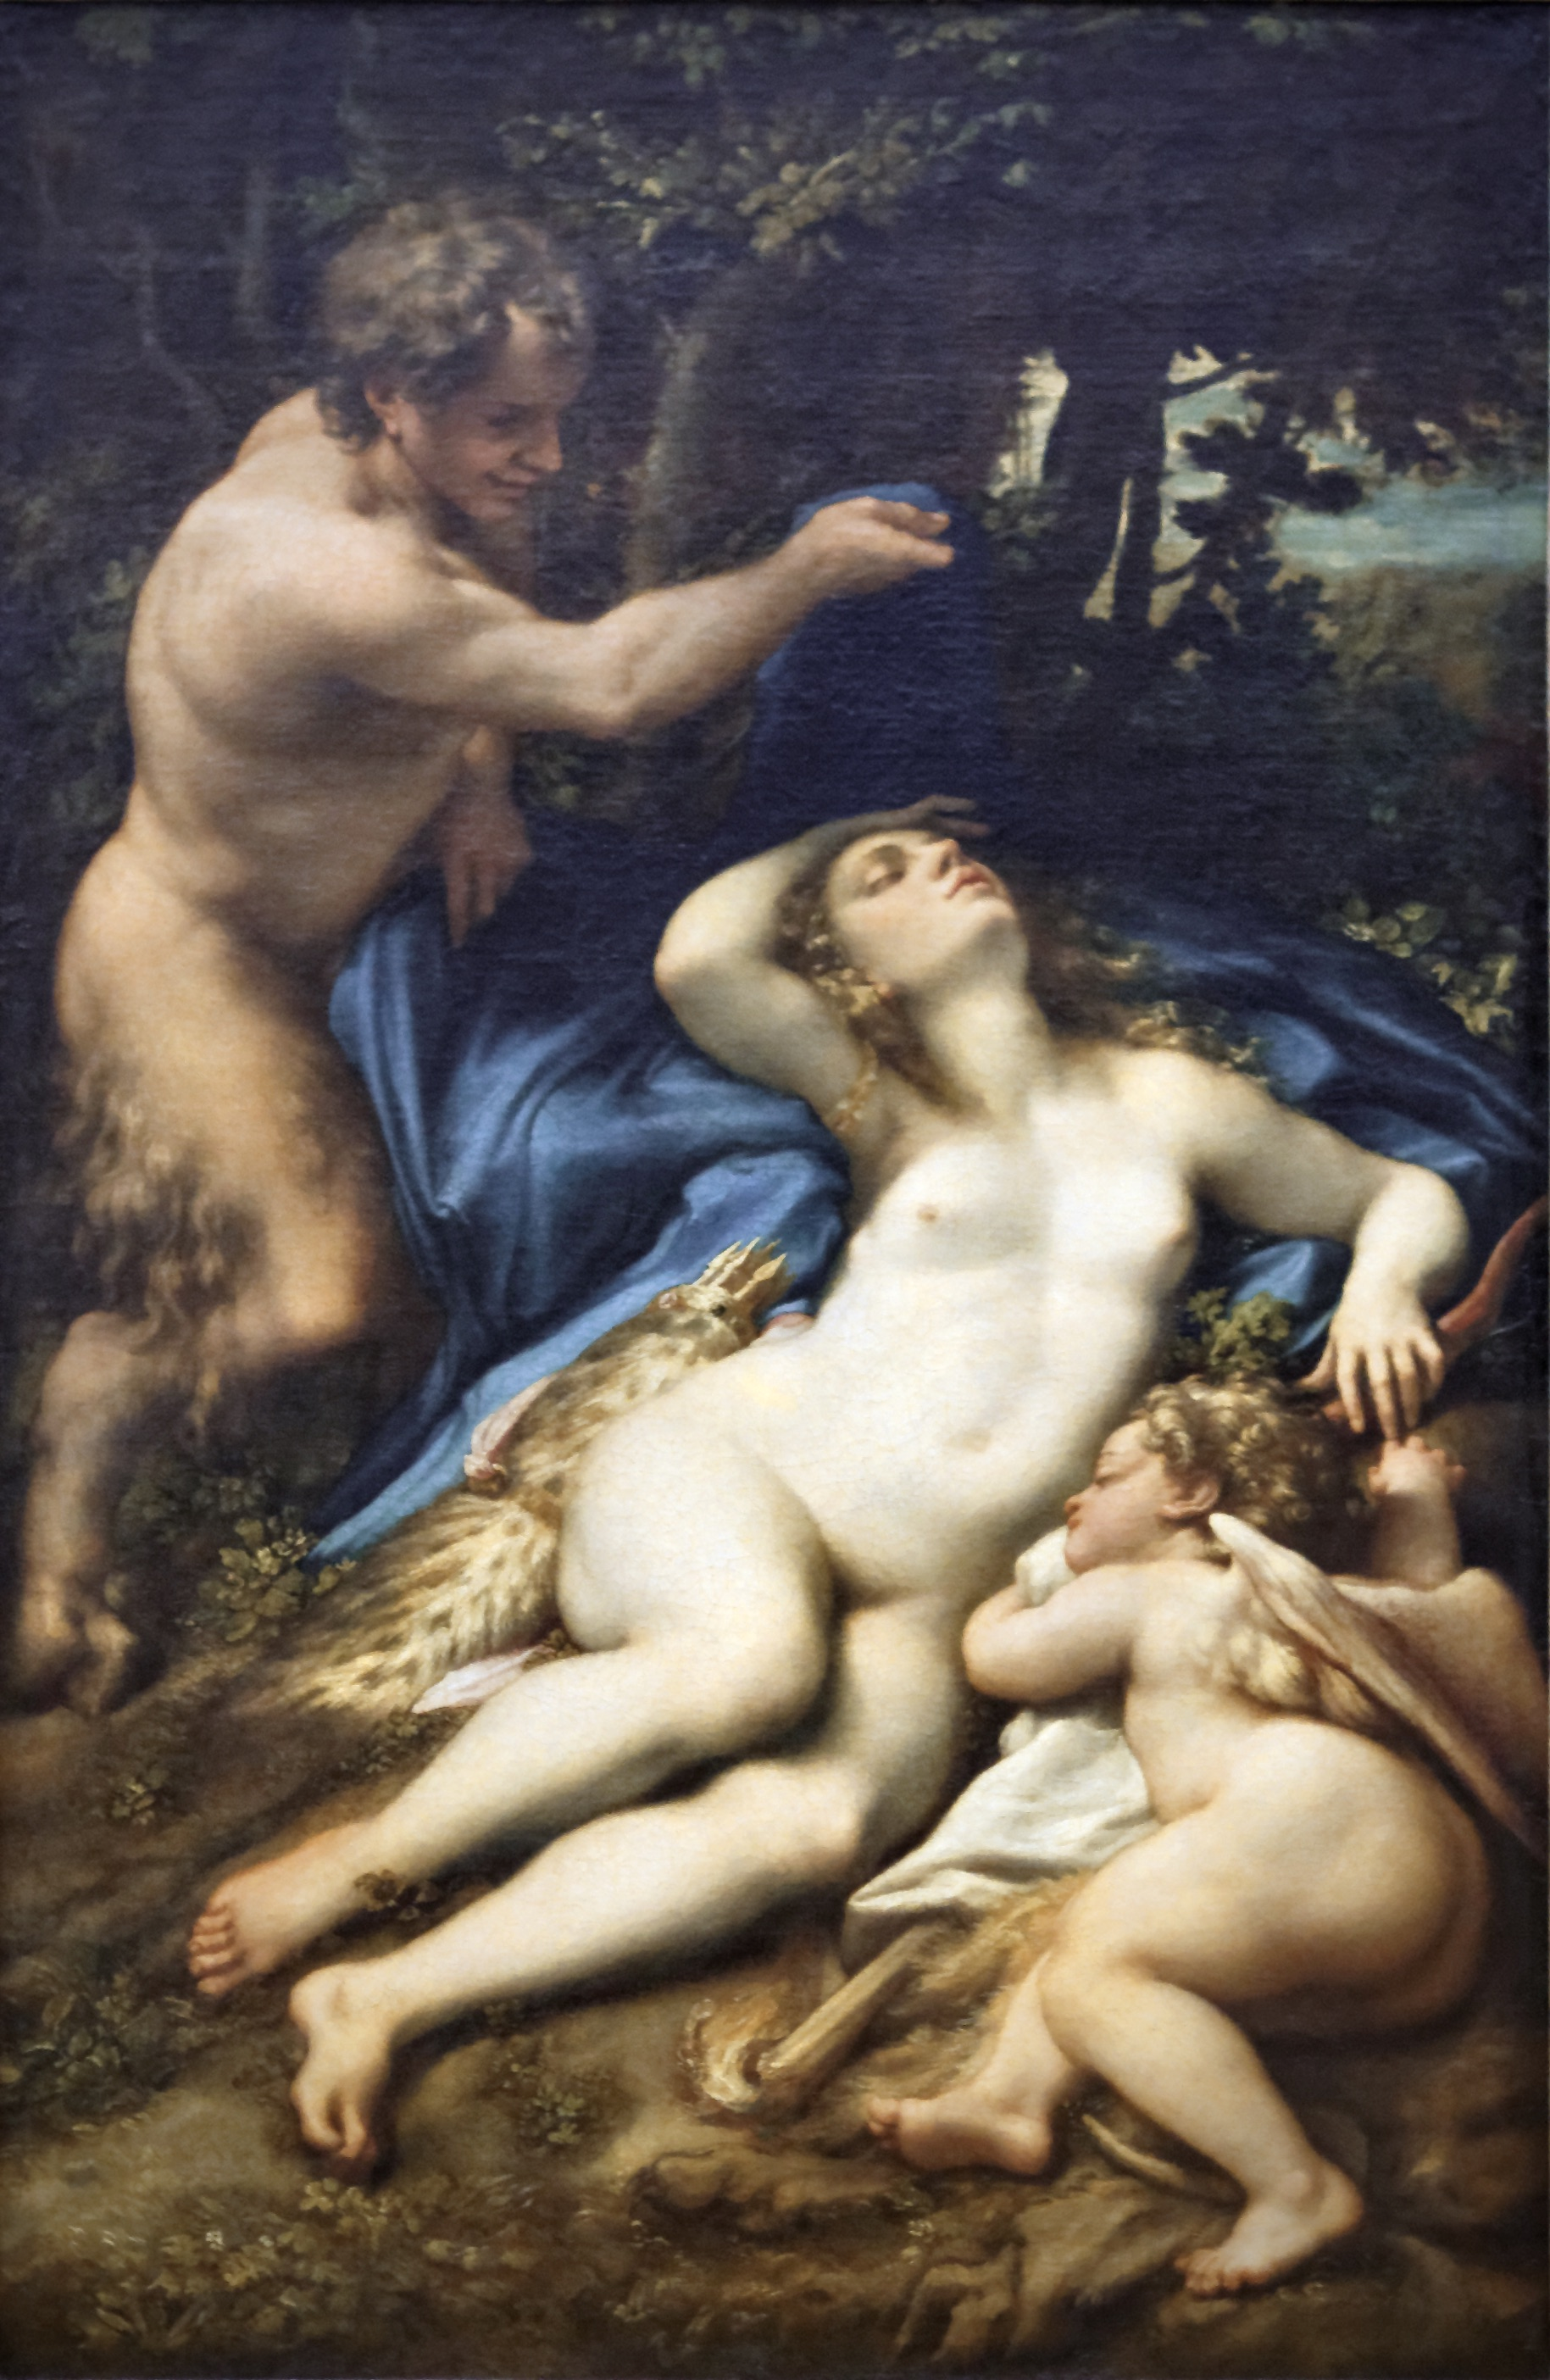 Vénus_et_l'Amour_découverts_par_un_satyre,_Corrège_(Louvre_INV_42)_02